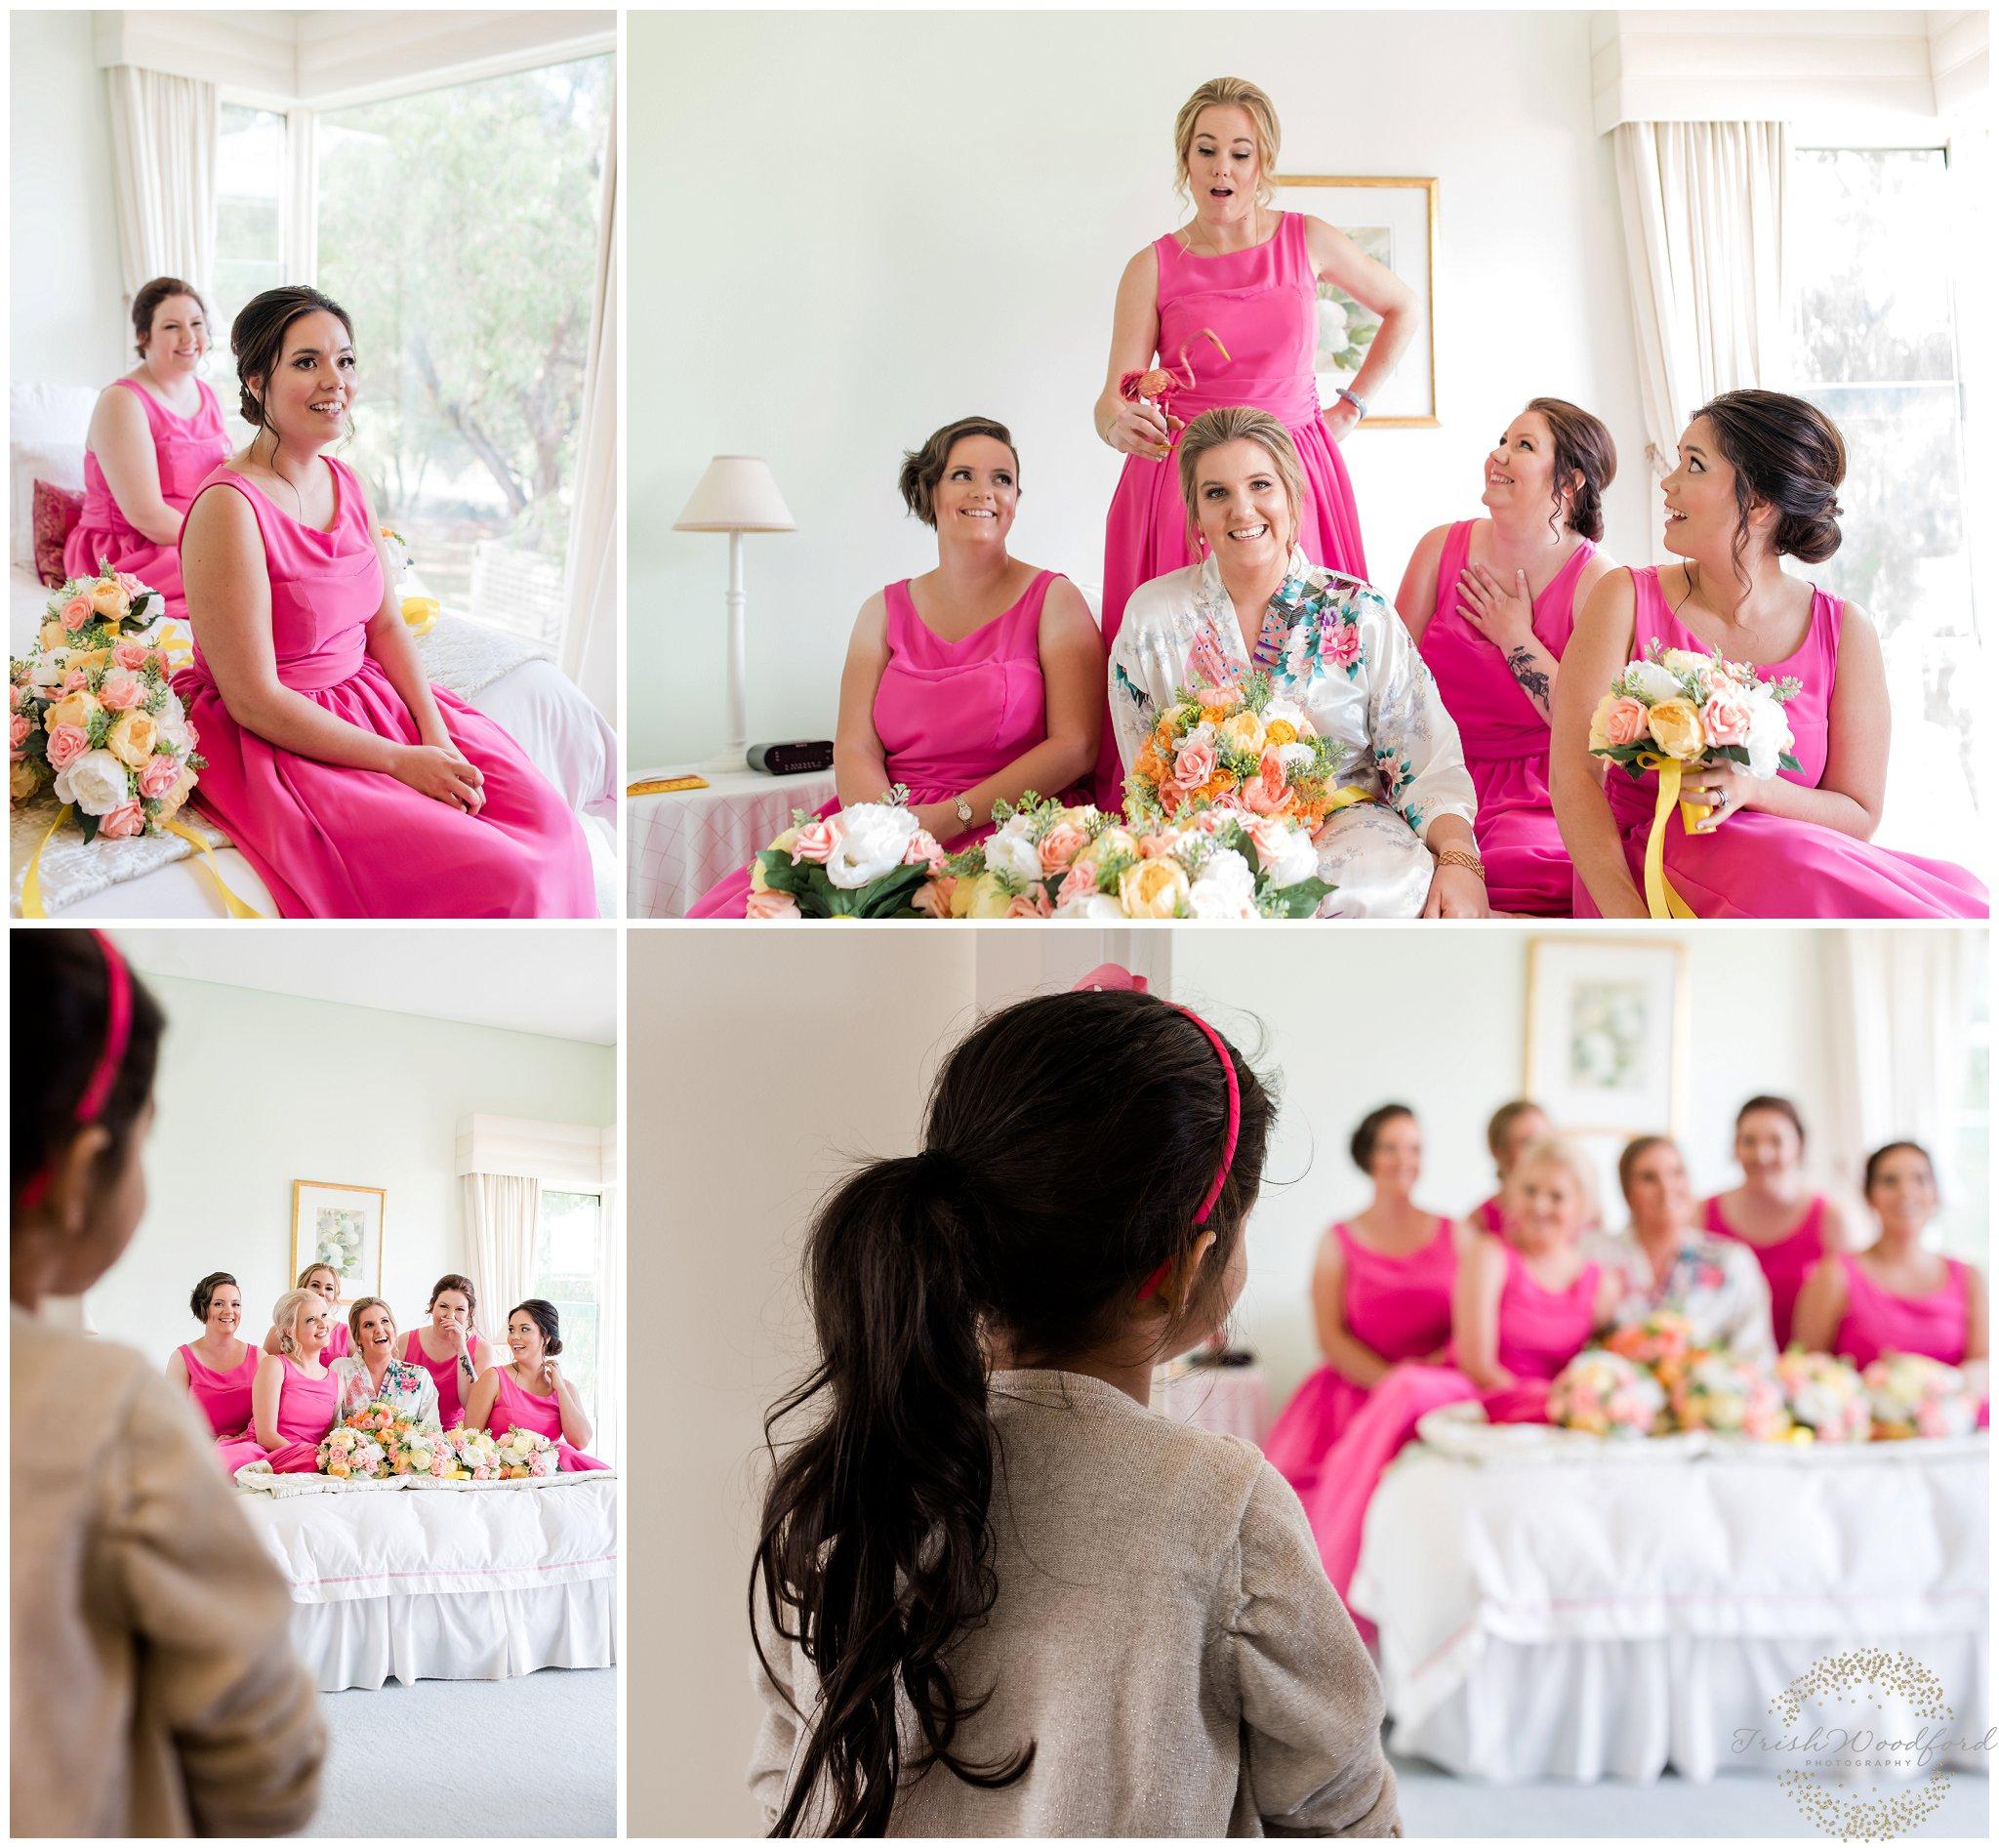 bridesmaids dunsborough wedding